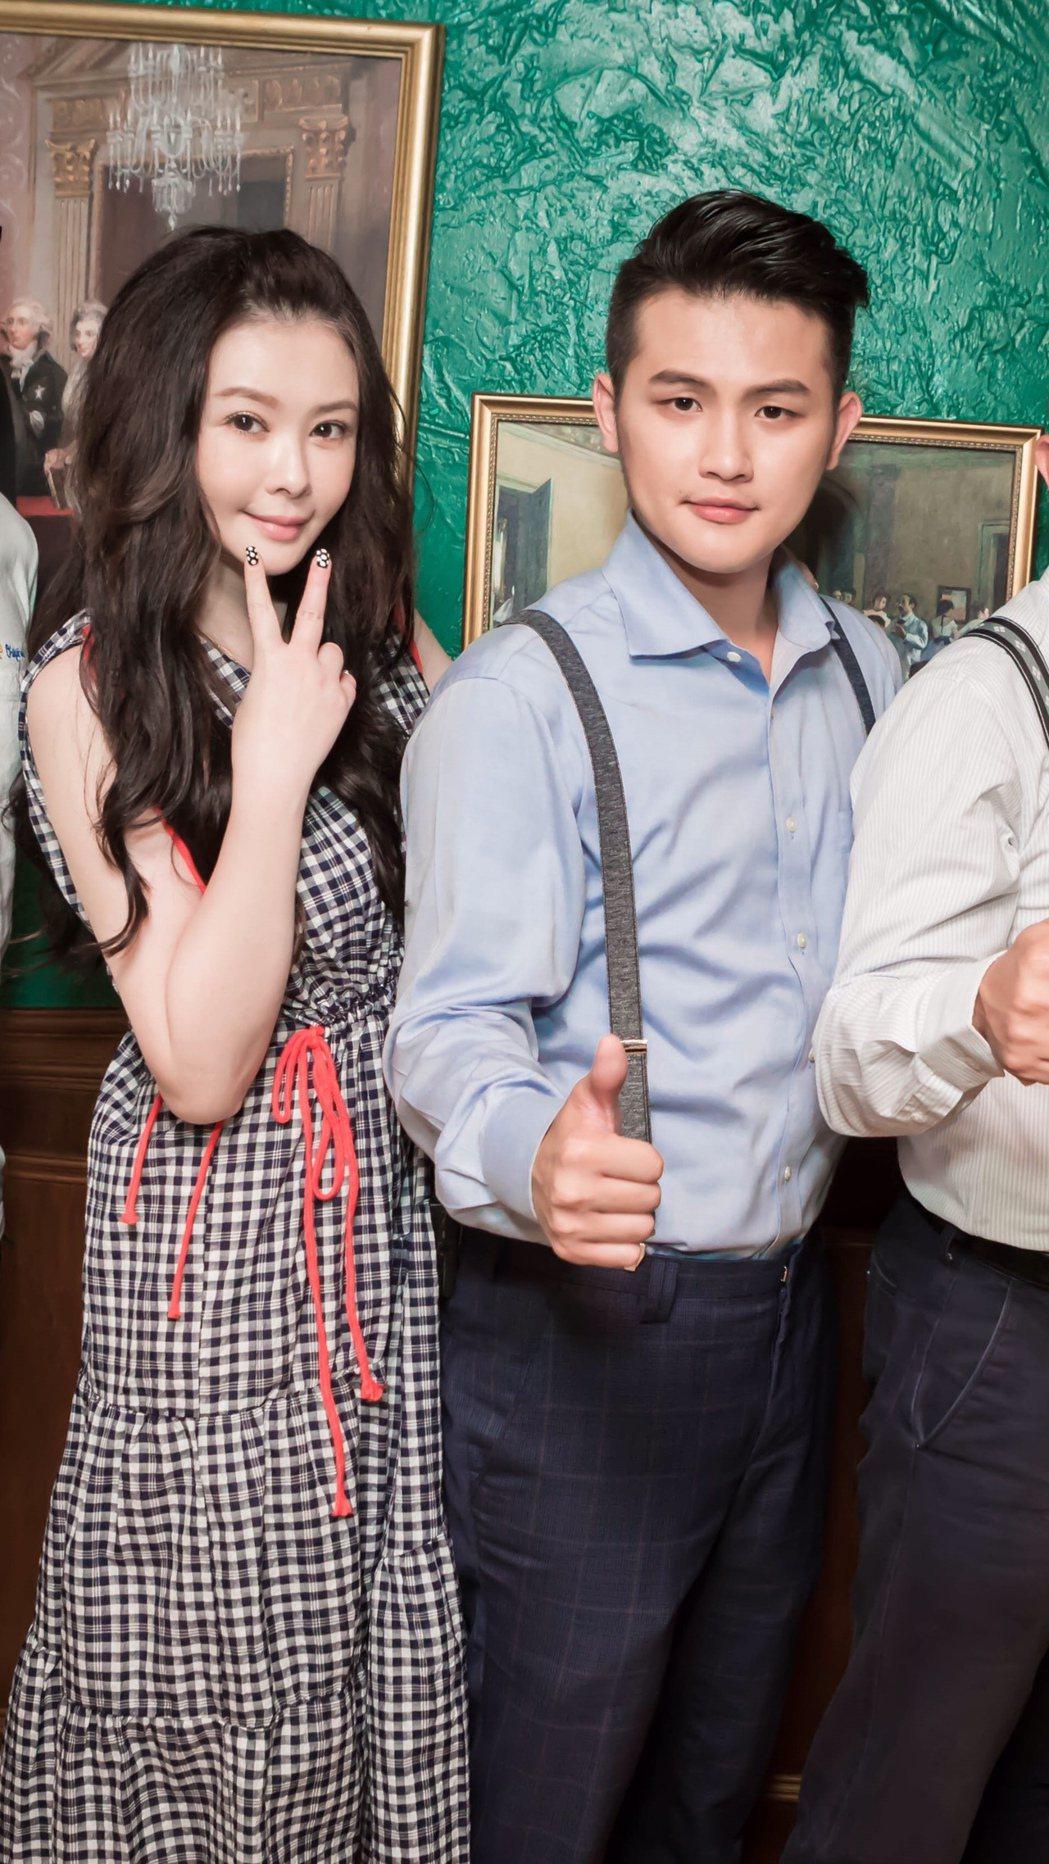 蕭淑慎復出(左)和老公一起幹大事。圖/幹大事娛樂提供